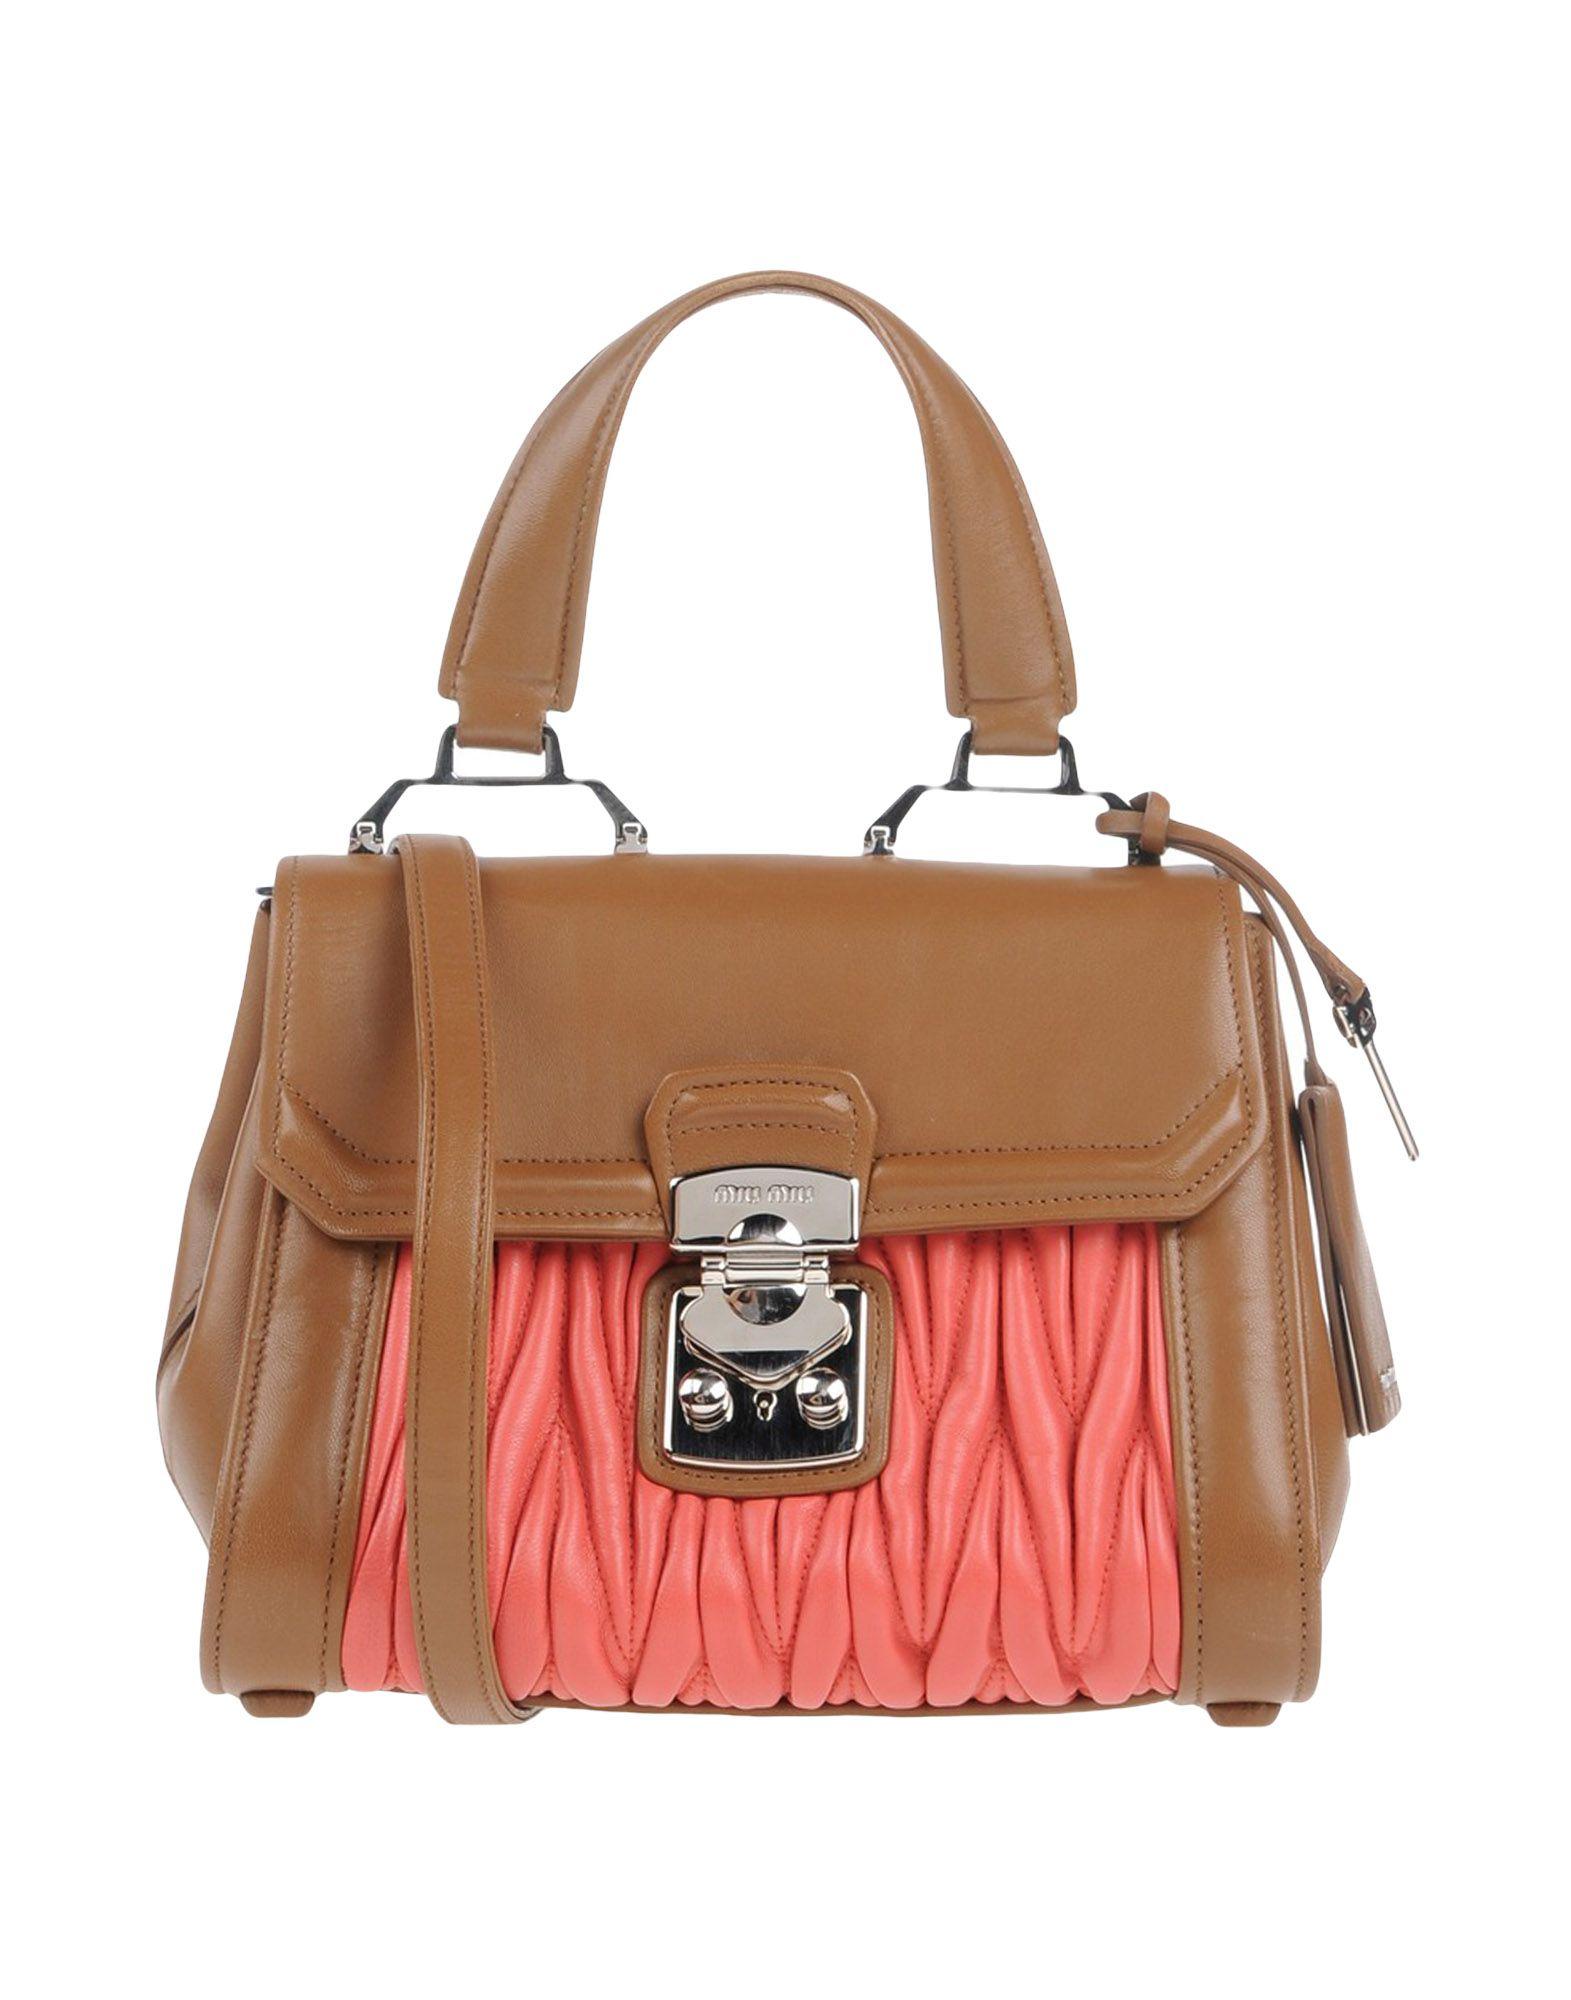 Фото - MIU MIU Сумка на руку miu miu сумка на руку